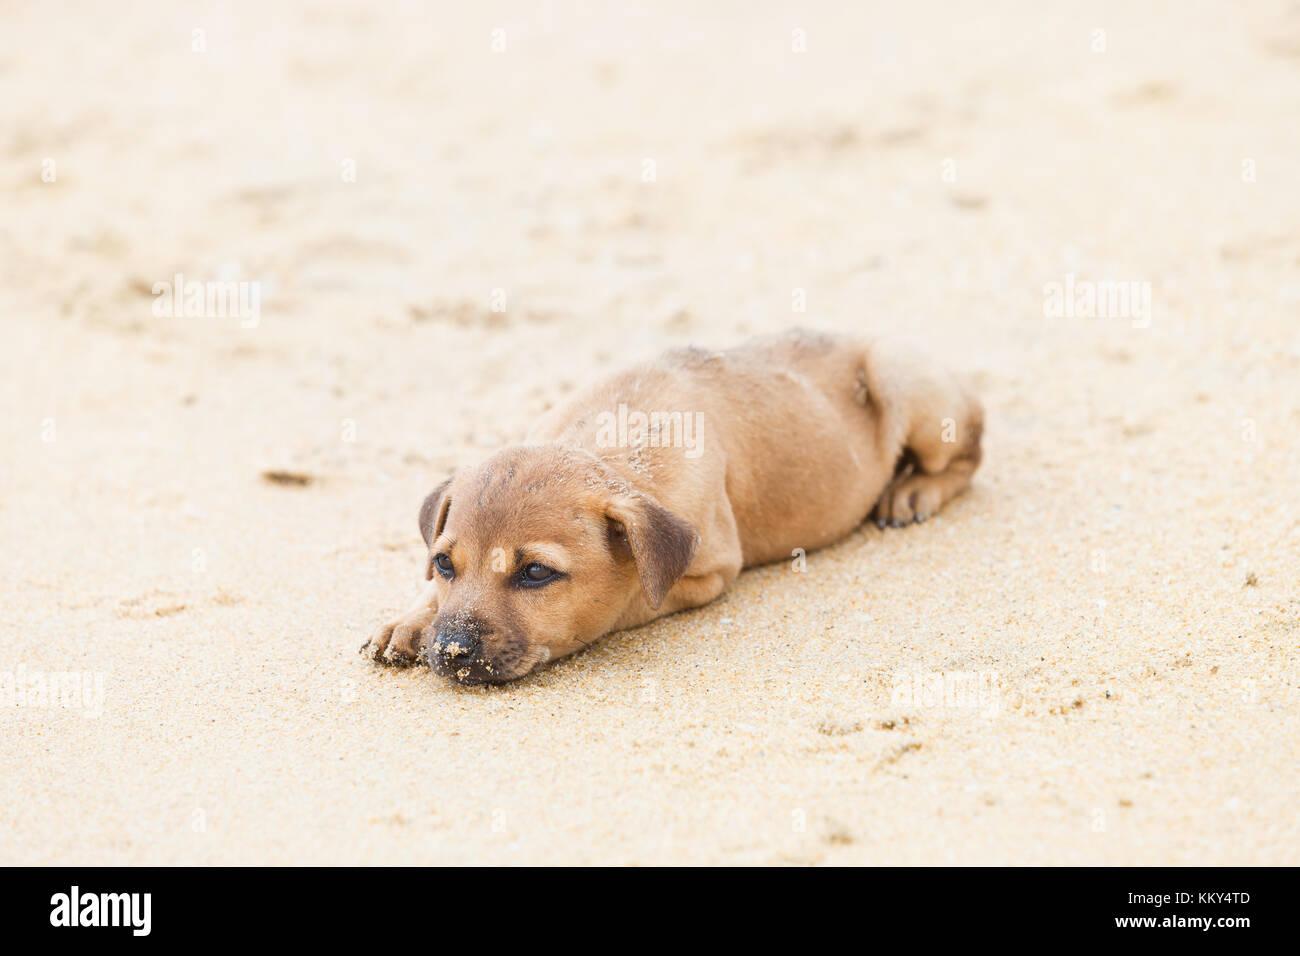 Hund am Strand, Sri Lanka, Asien Stockfoto